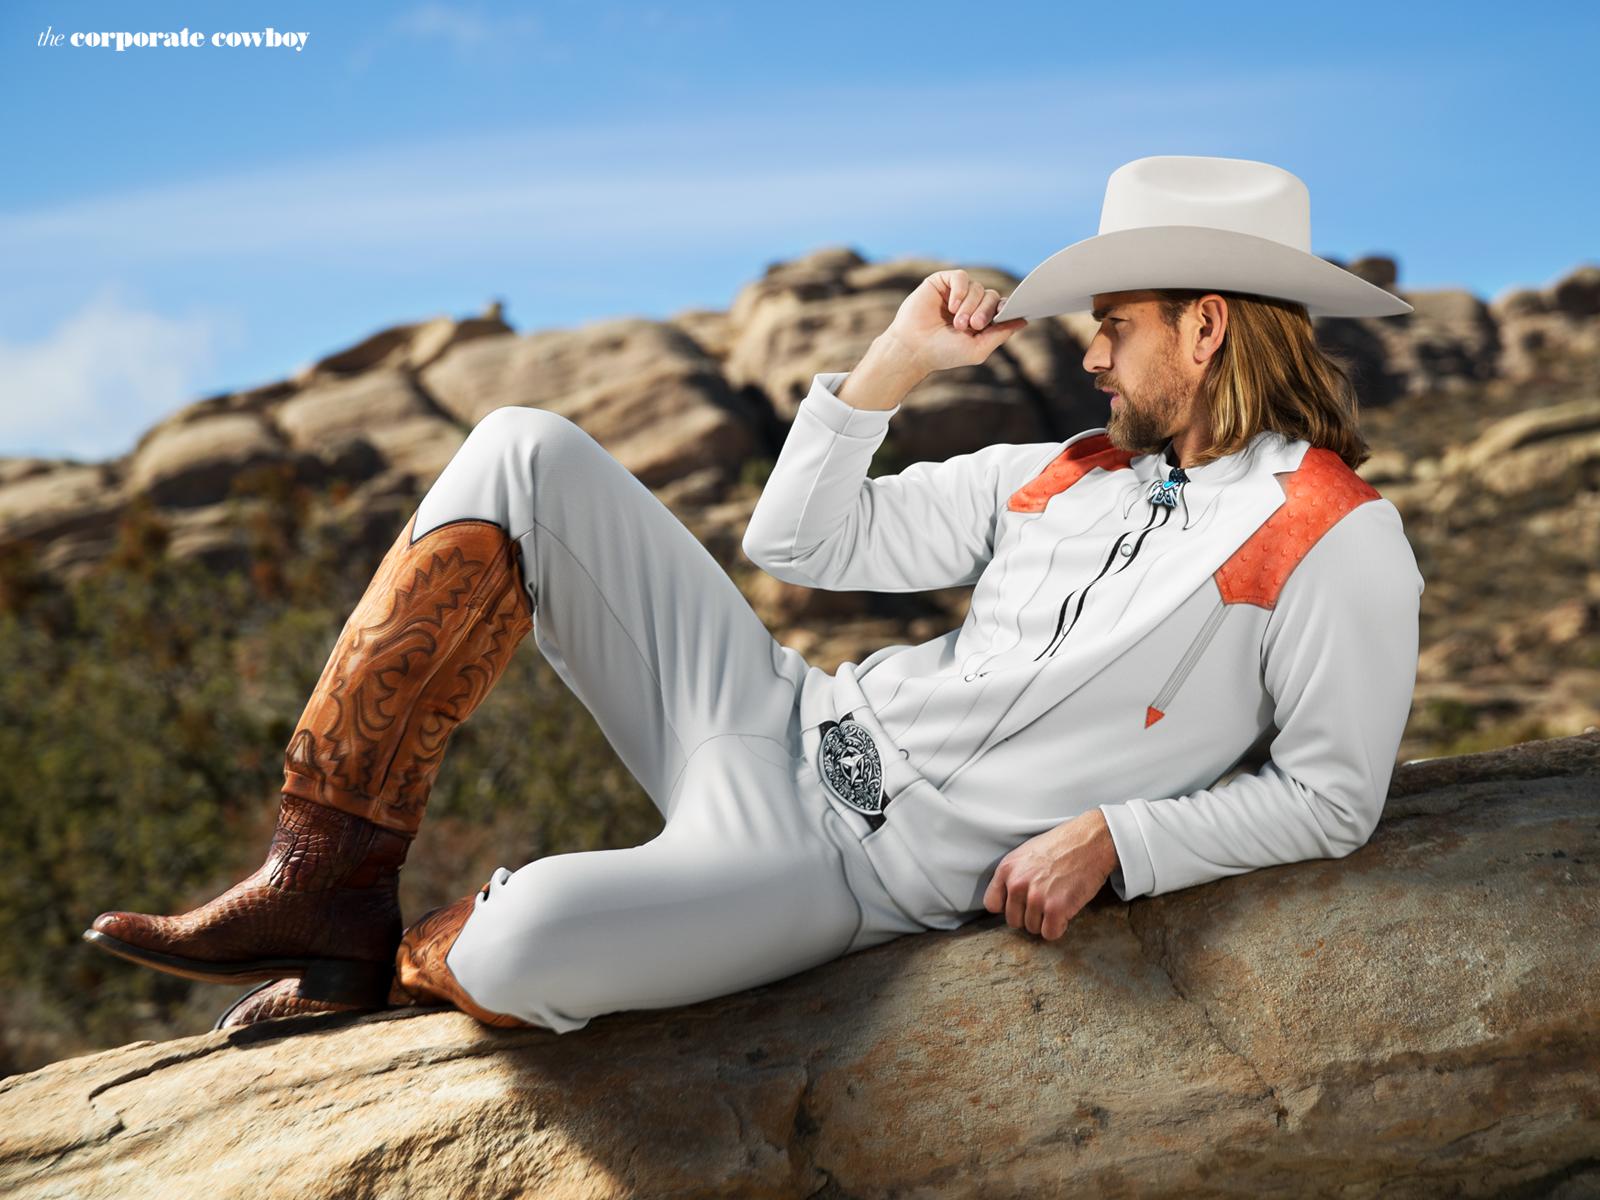 ShopifyC_1600x1200_Cowboy_1.png